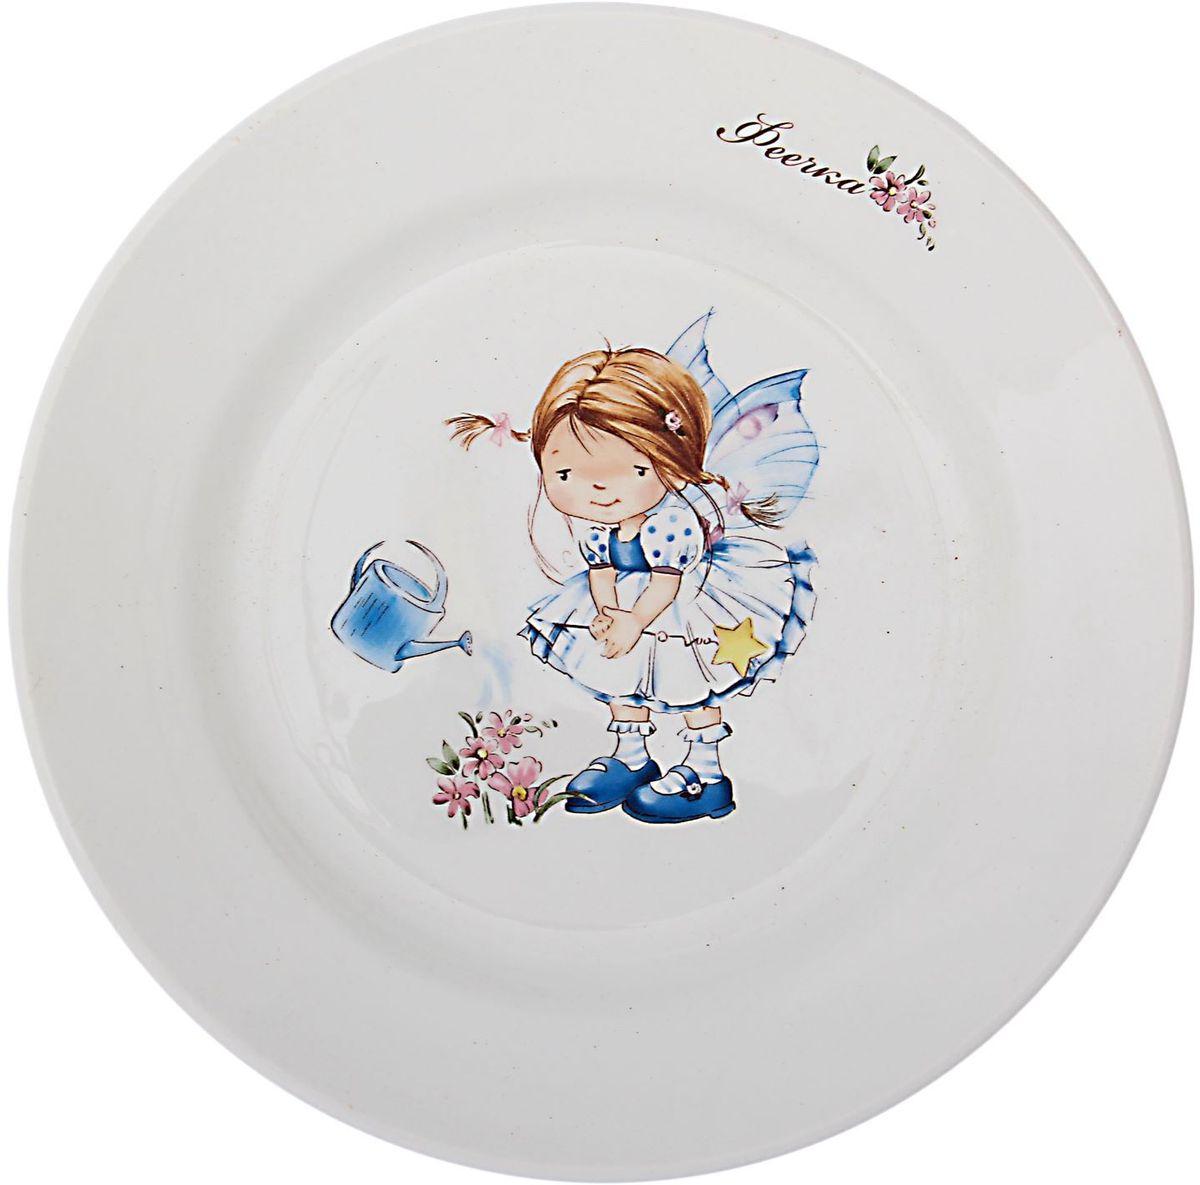 Кубаньфарфор Тарелка детская Феечки1494954Фаянсовая детская посуда с забавным рисунком понравится каждому малышу. Изделие из качественного материала станет правильным выбором для повседневной эксплуатации и поможет превратить каждый прием пищи в радостное приключение.Особенности:- простота мойки,- стойкость к запахам,- насыщенный цвет.